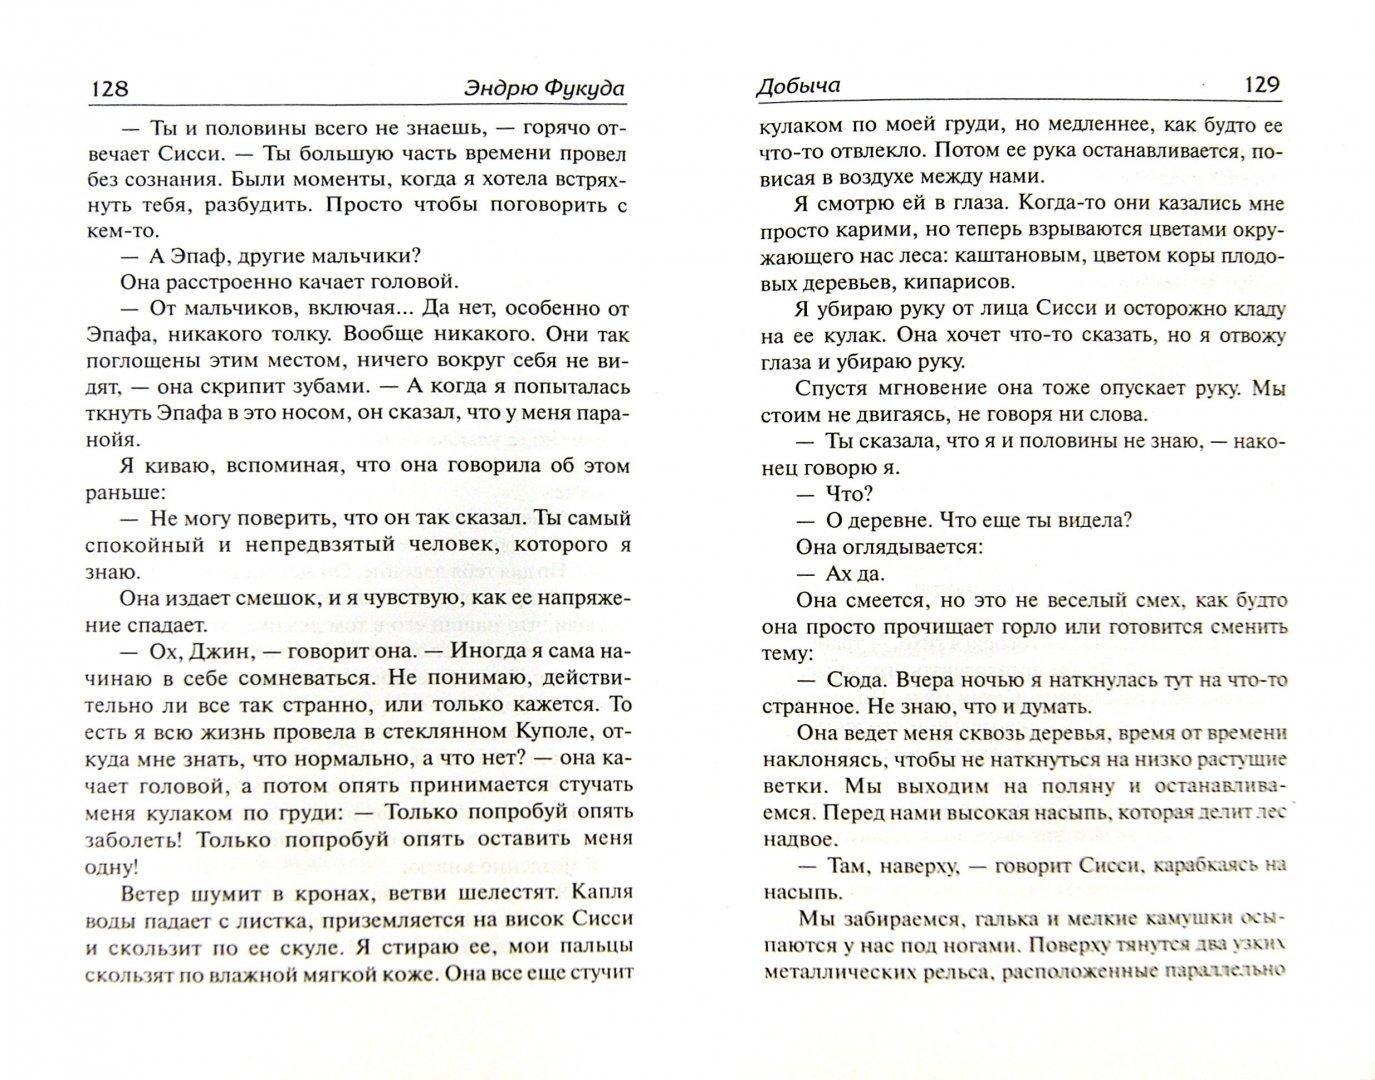 Иллюстрация 1 из 36 для Добыча - Эндрю Фукуда   Лабиринт - книги. Источник: Лабиринт